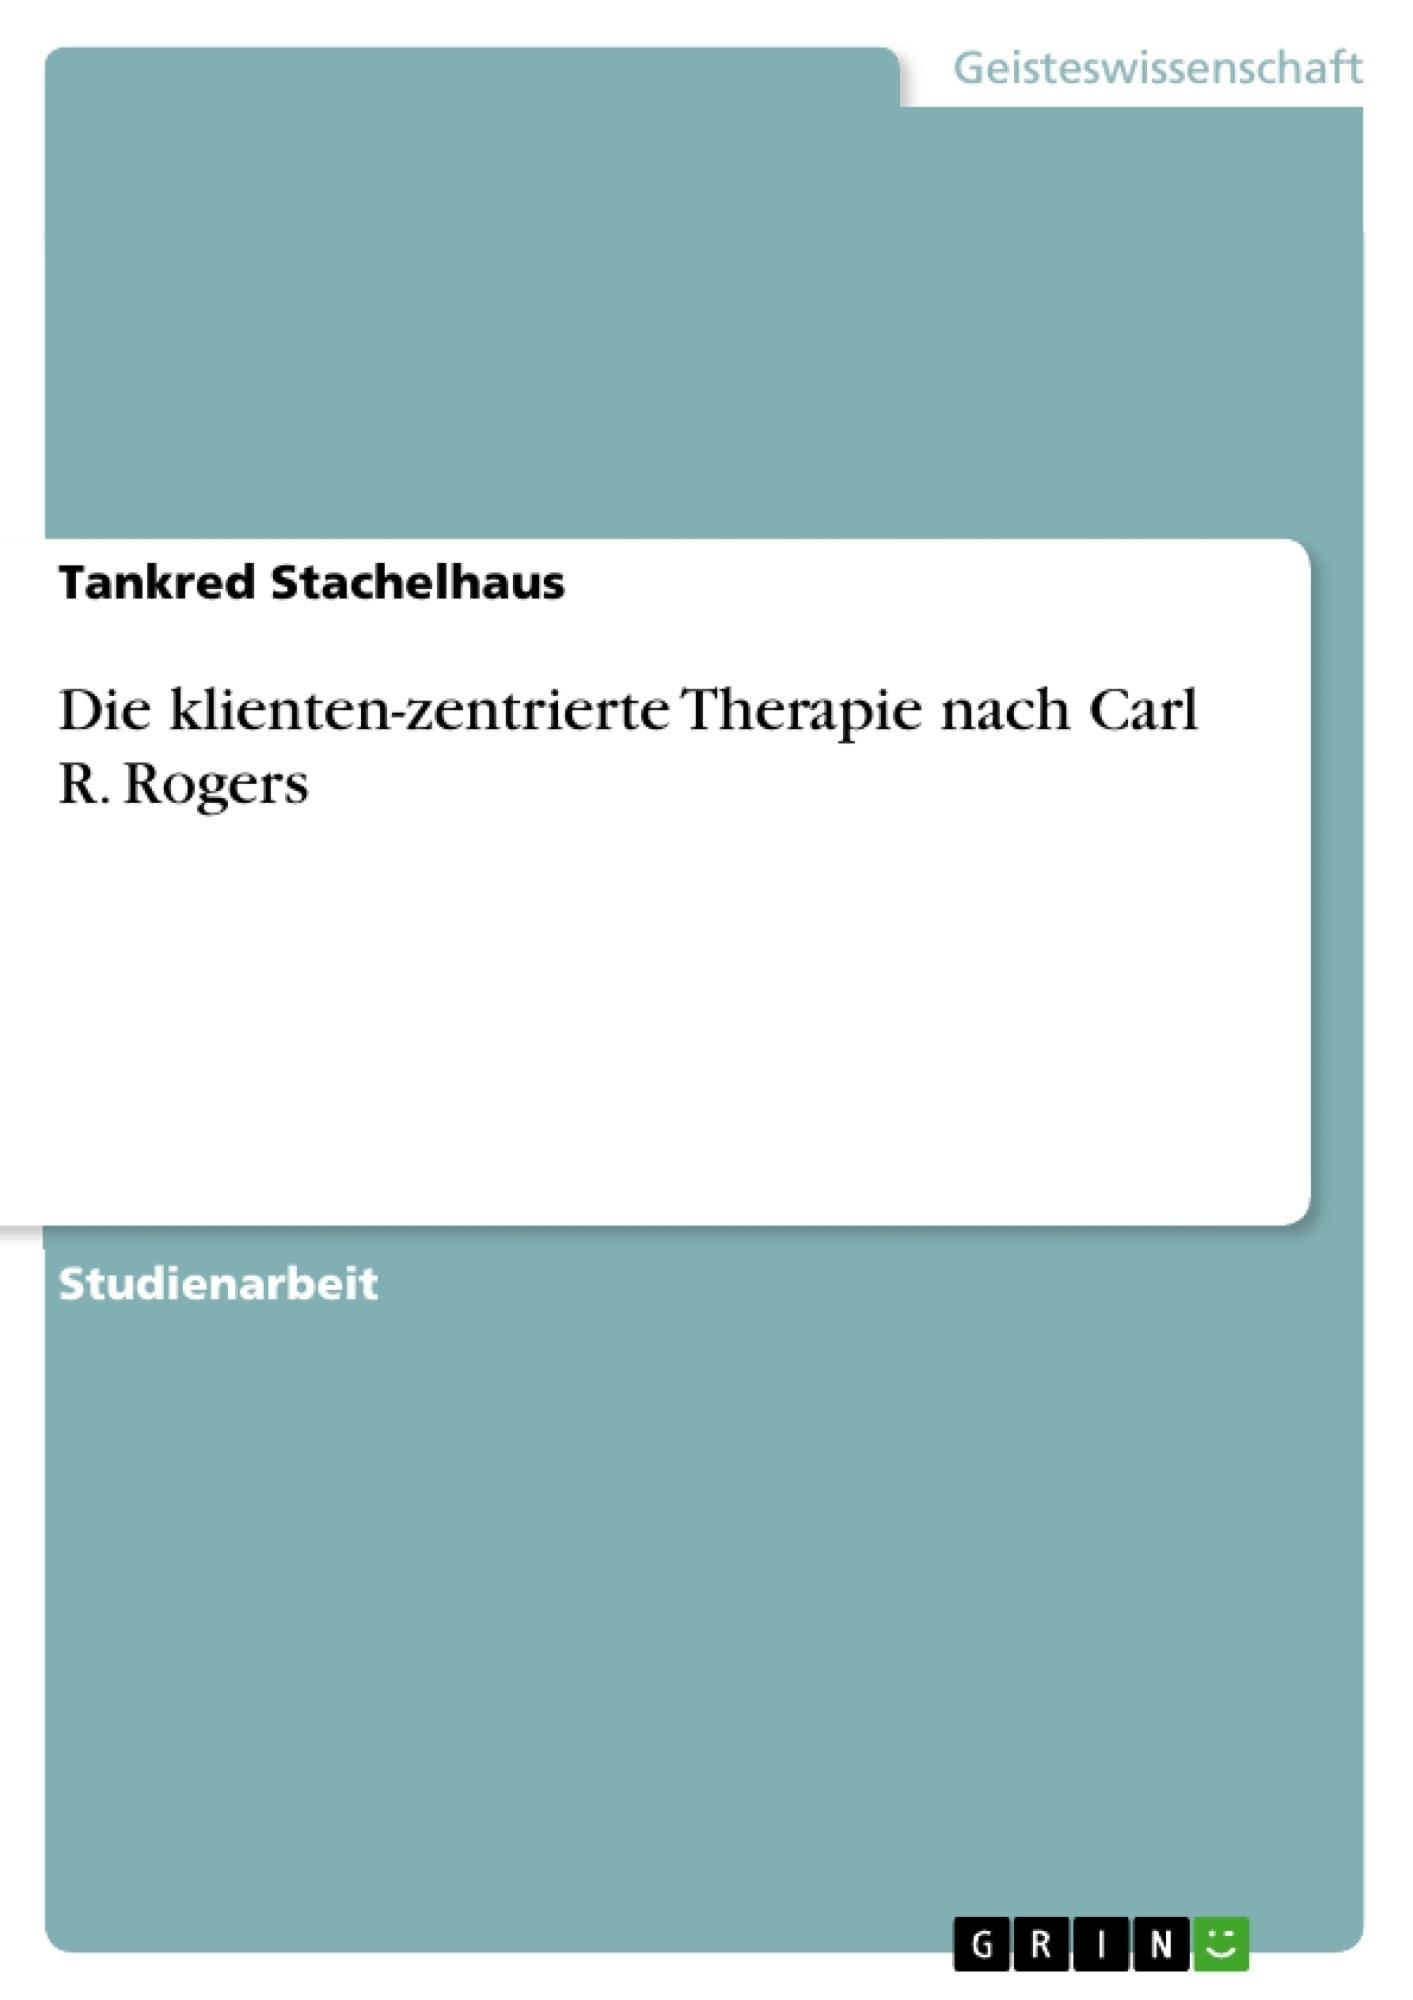 Titel: Die klienten-zentrierte Therapie nach Carl R. Rogers